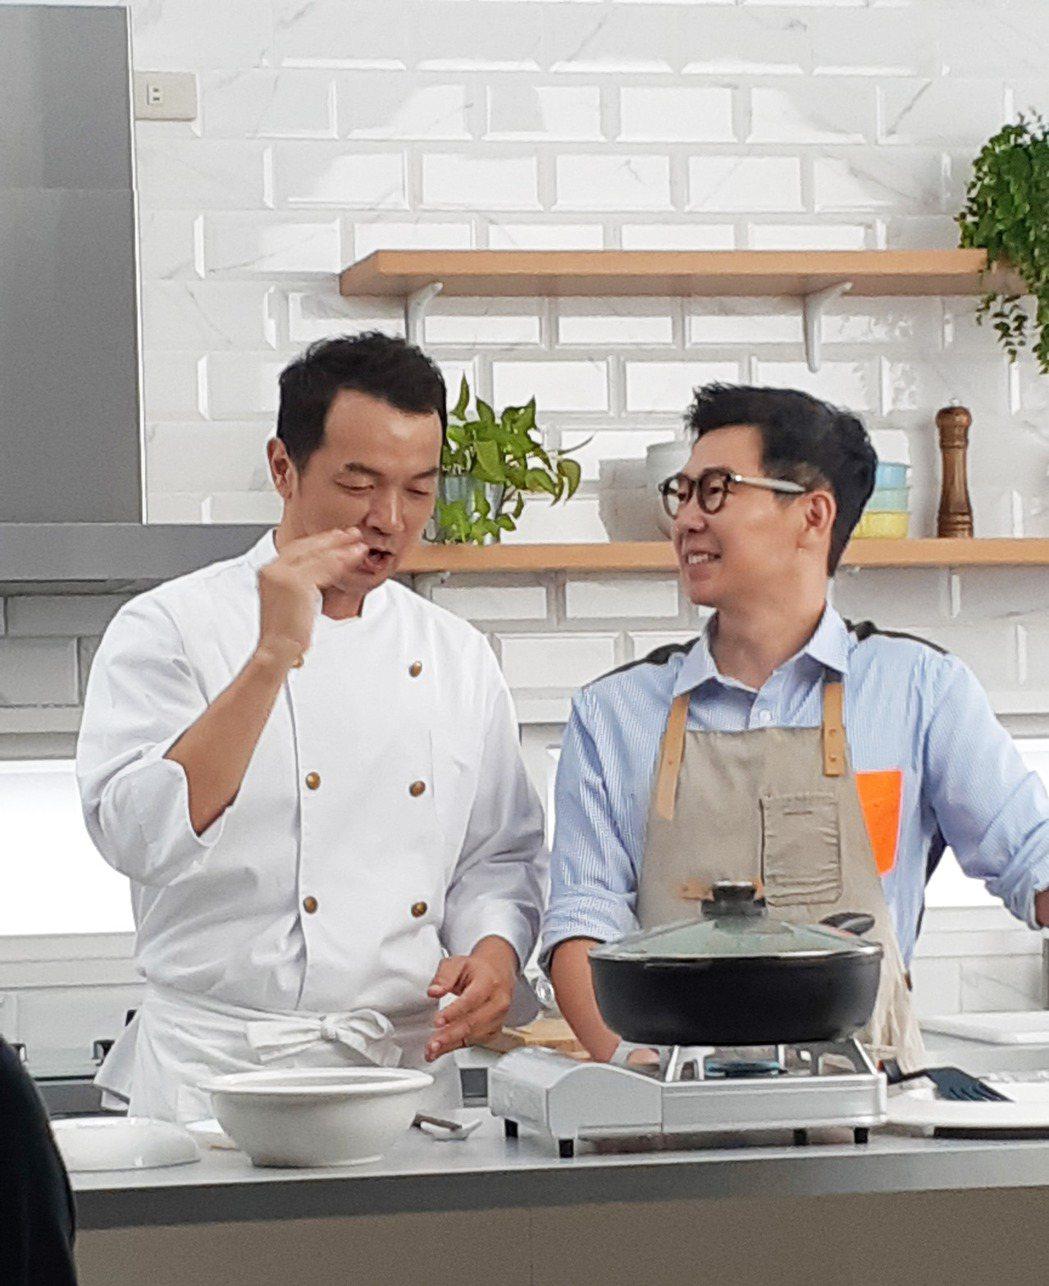 品冠(右)化身型男主廚,與全聯先生一起下廚聊天。圖/種子音樂提供